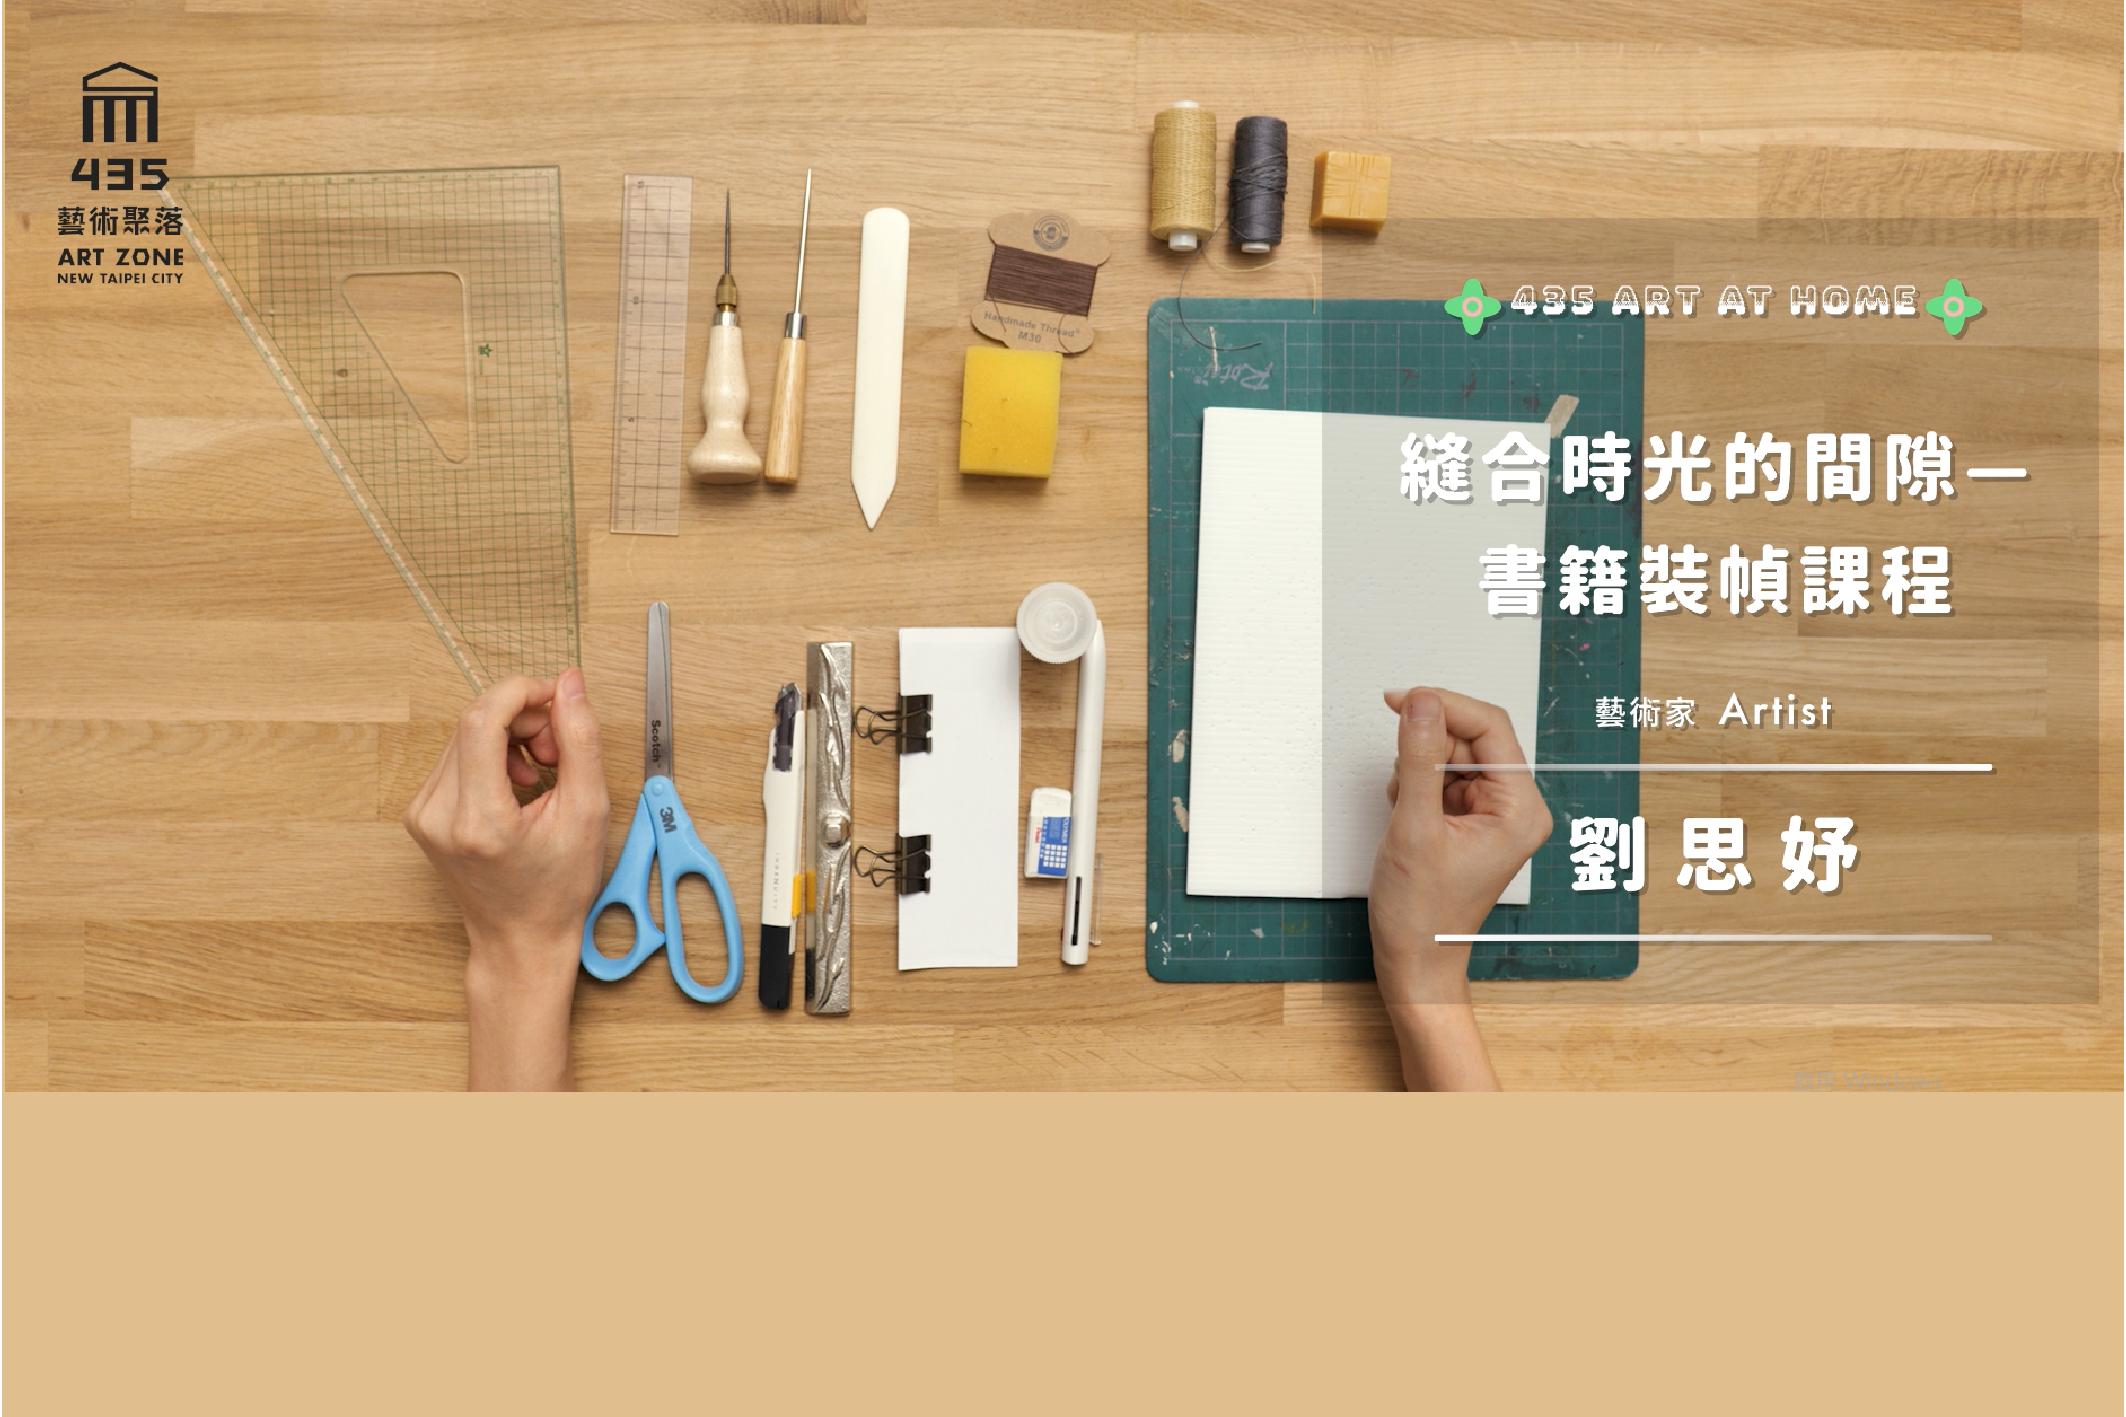 【🏠 435 ART AT HOME 🏠】EP05 劉思妤 《縫合時光的間隙-書籍裝幀課程》